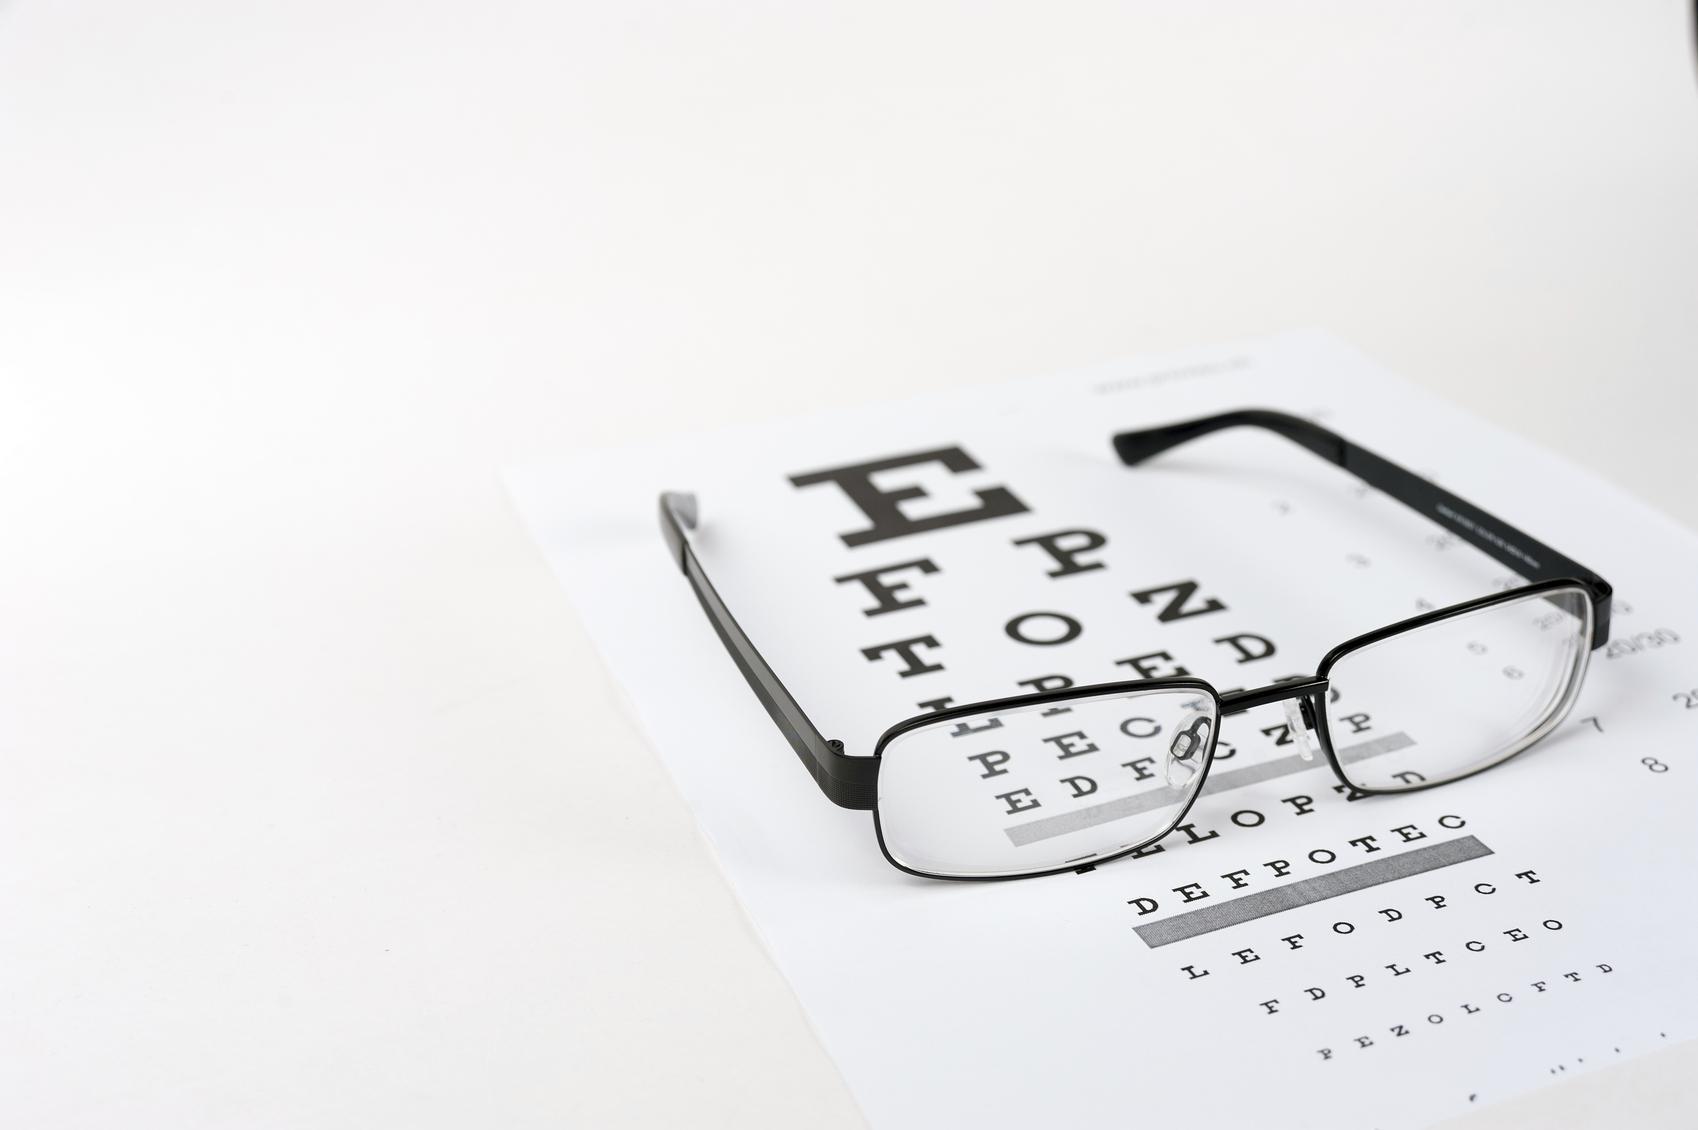 Gafas posadas sobre optotipo